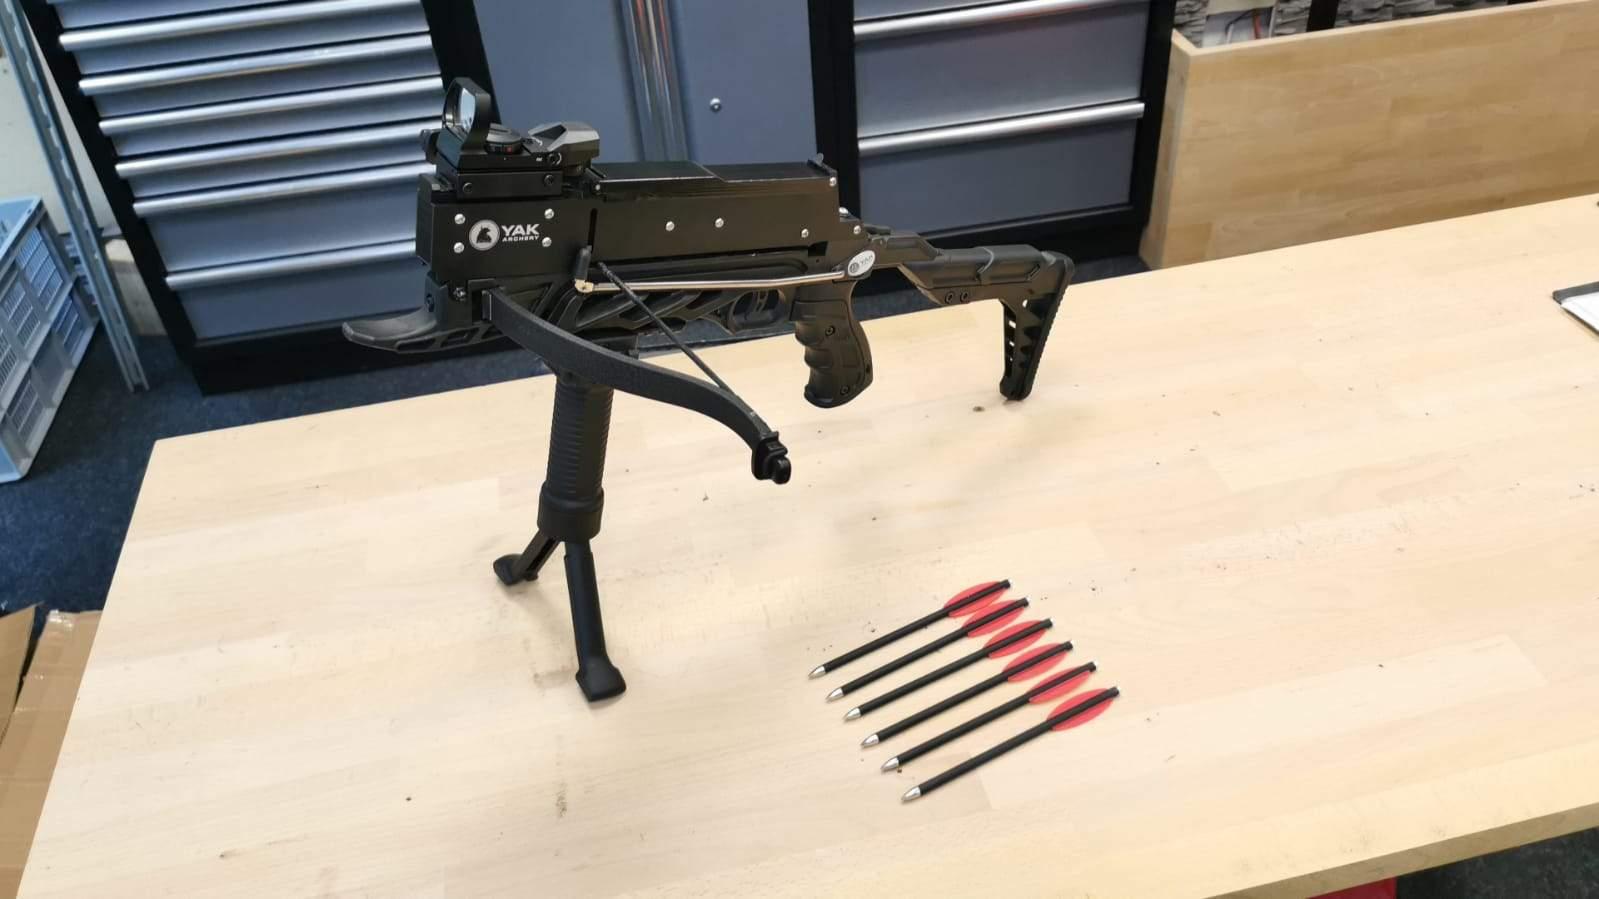 YAK Archery Pistolenarmbrust Terminator II Frontgriff Zweibein / Identitäts- und Altersprüfung durch DHL: +1.90 EUR